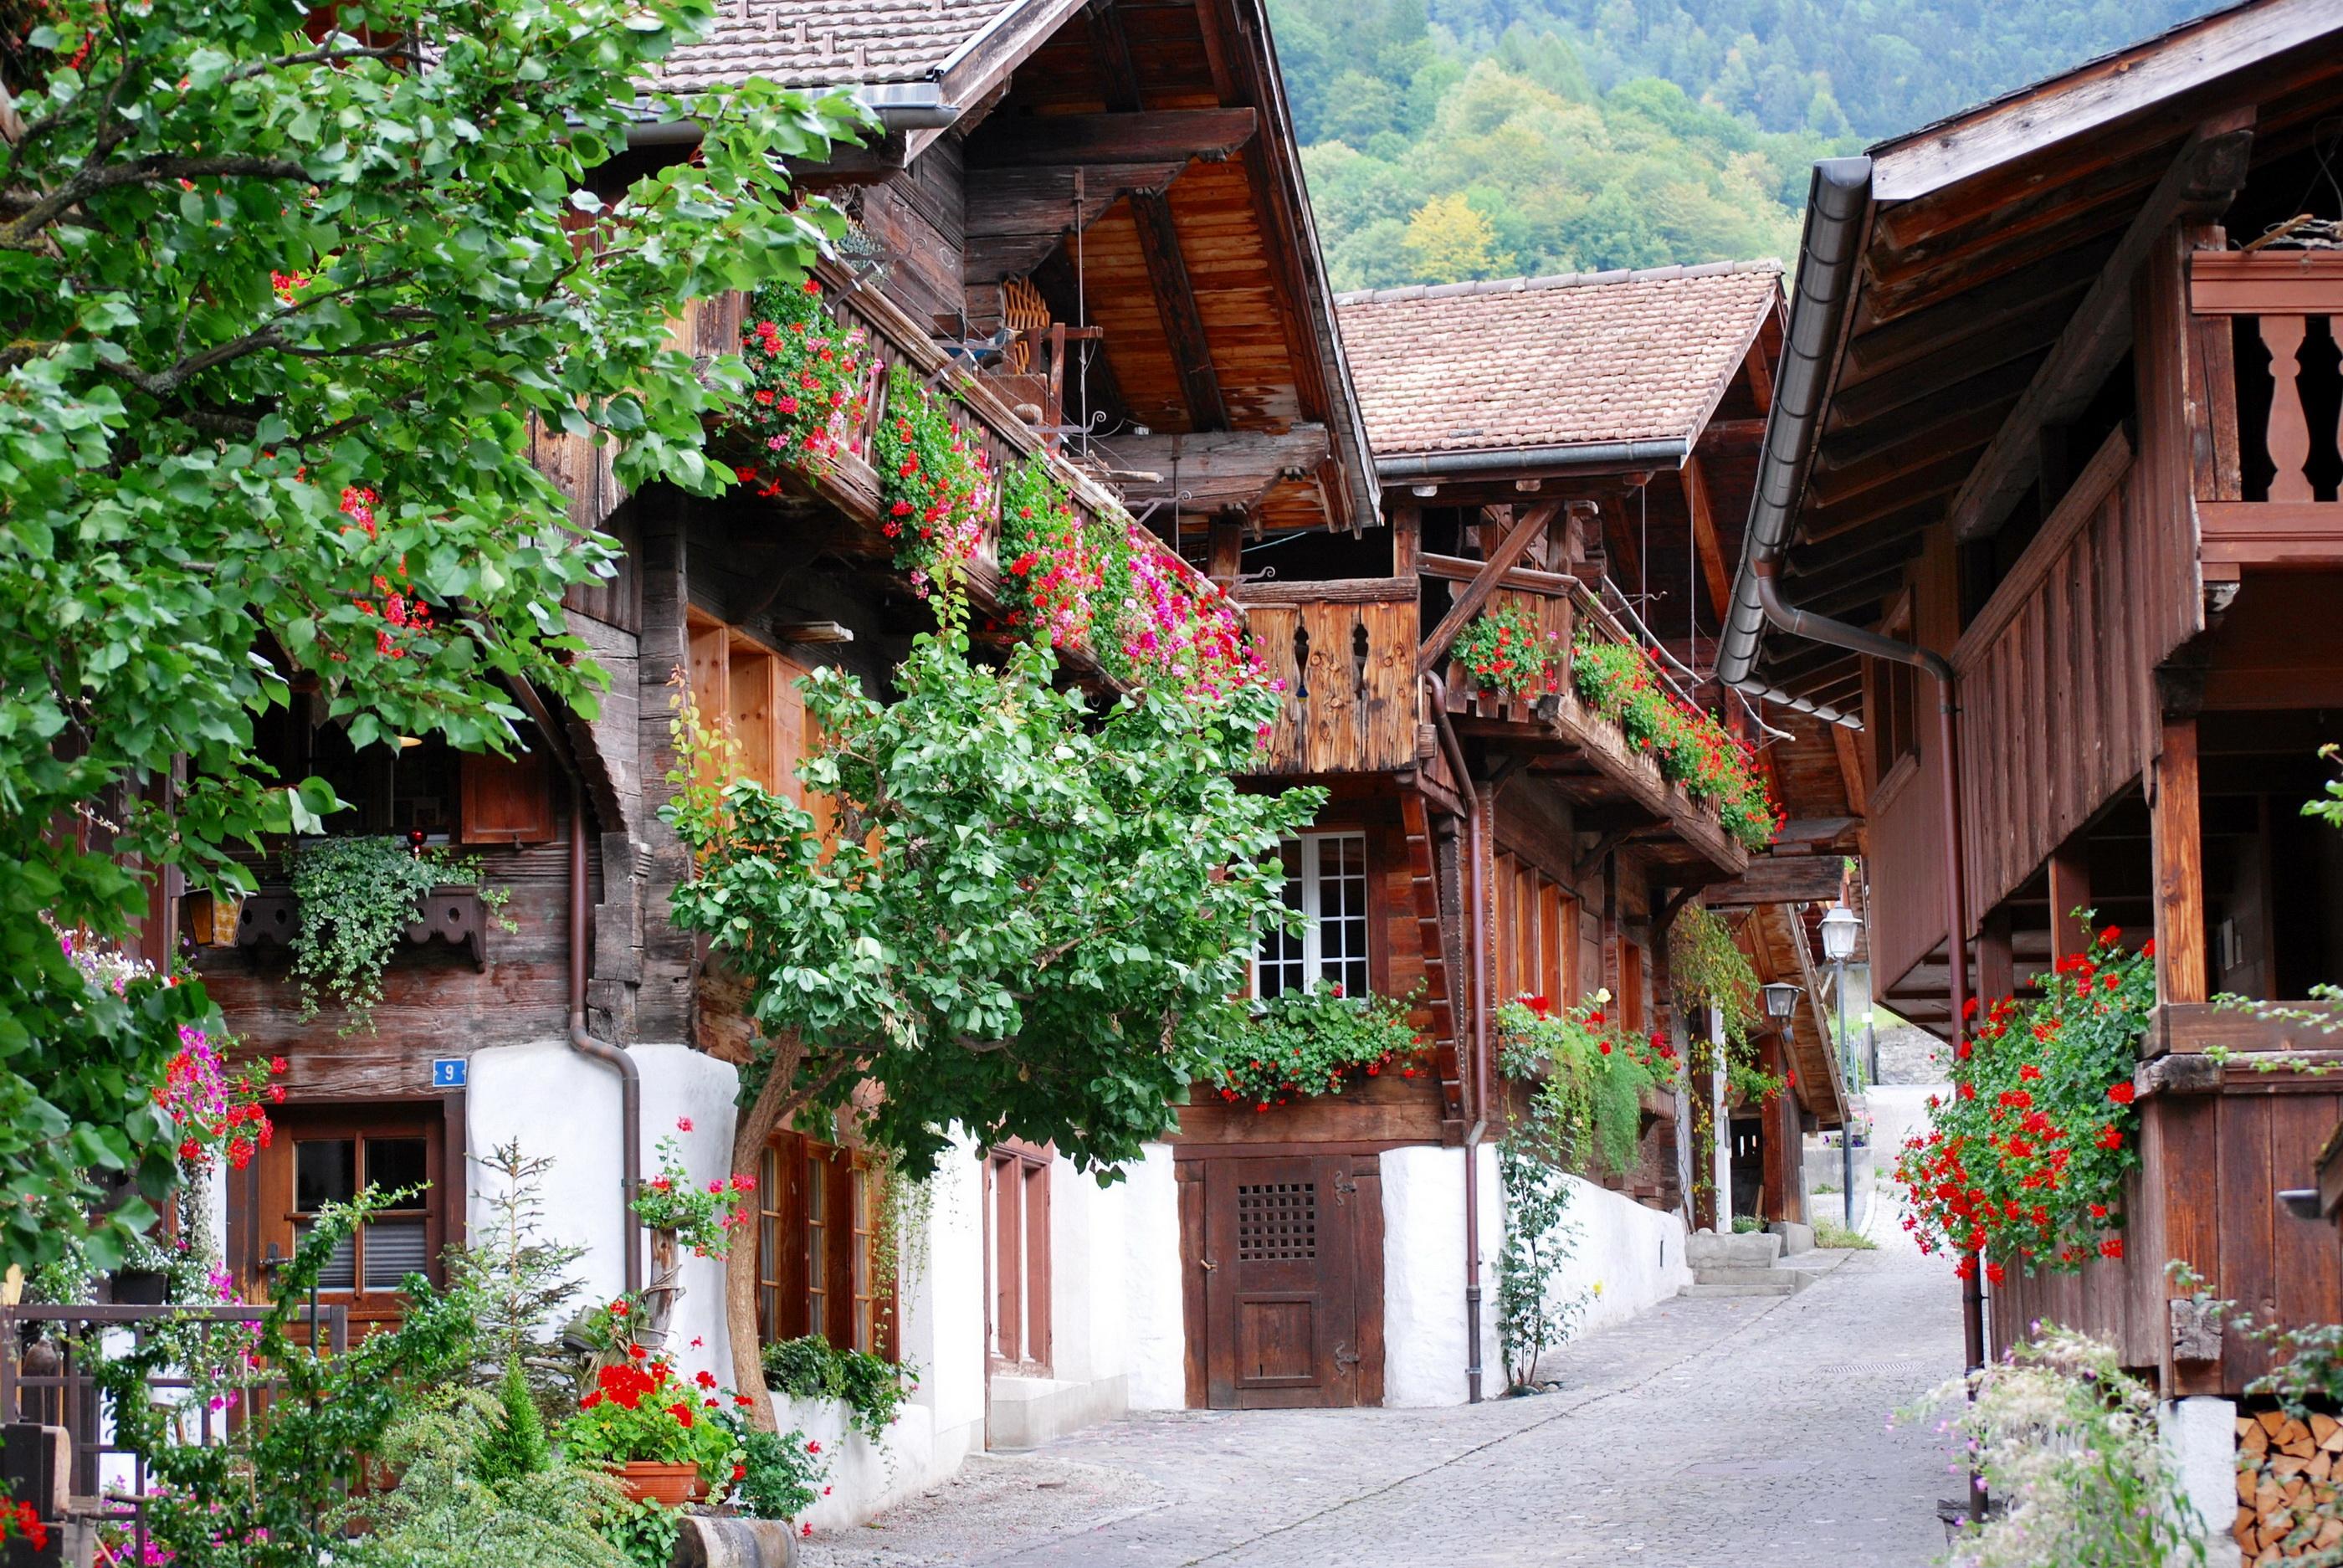 Bulgaria Italia Roma per comprare una casa nel villaggio